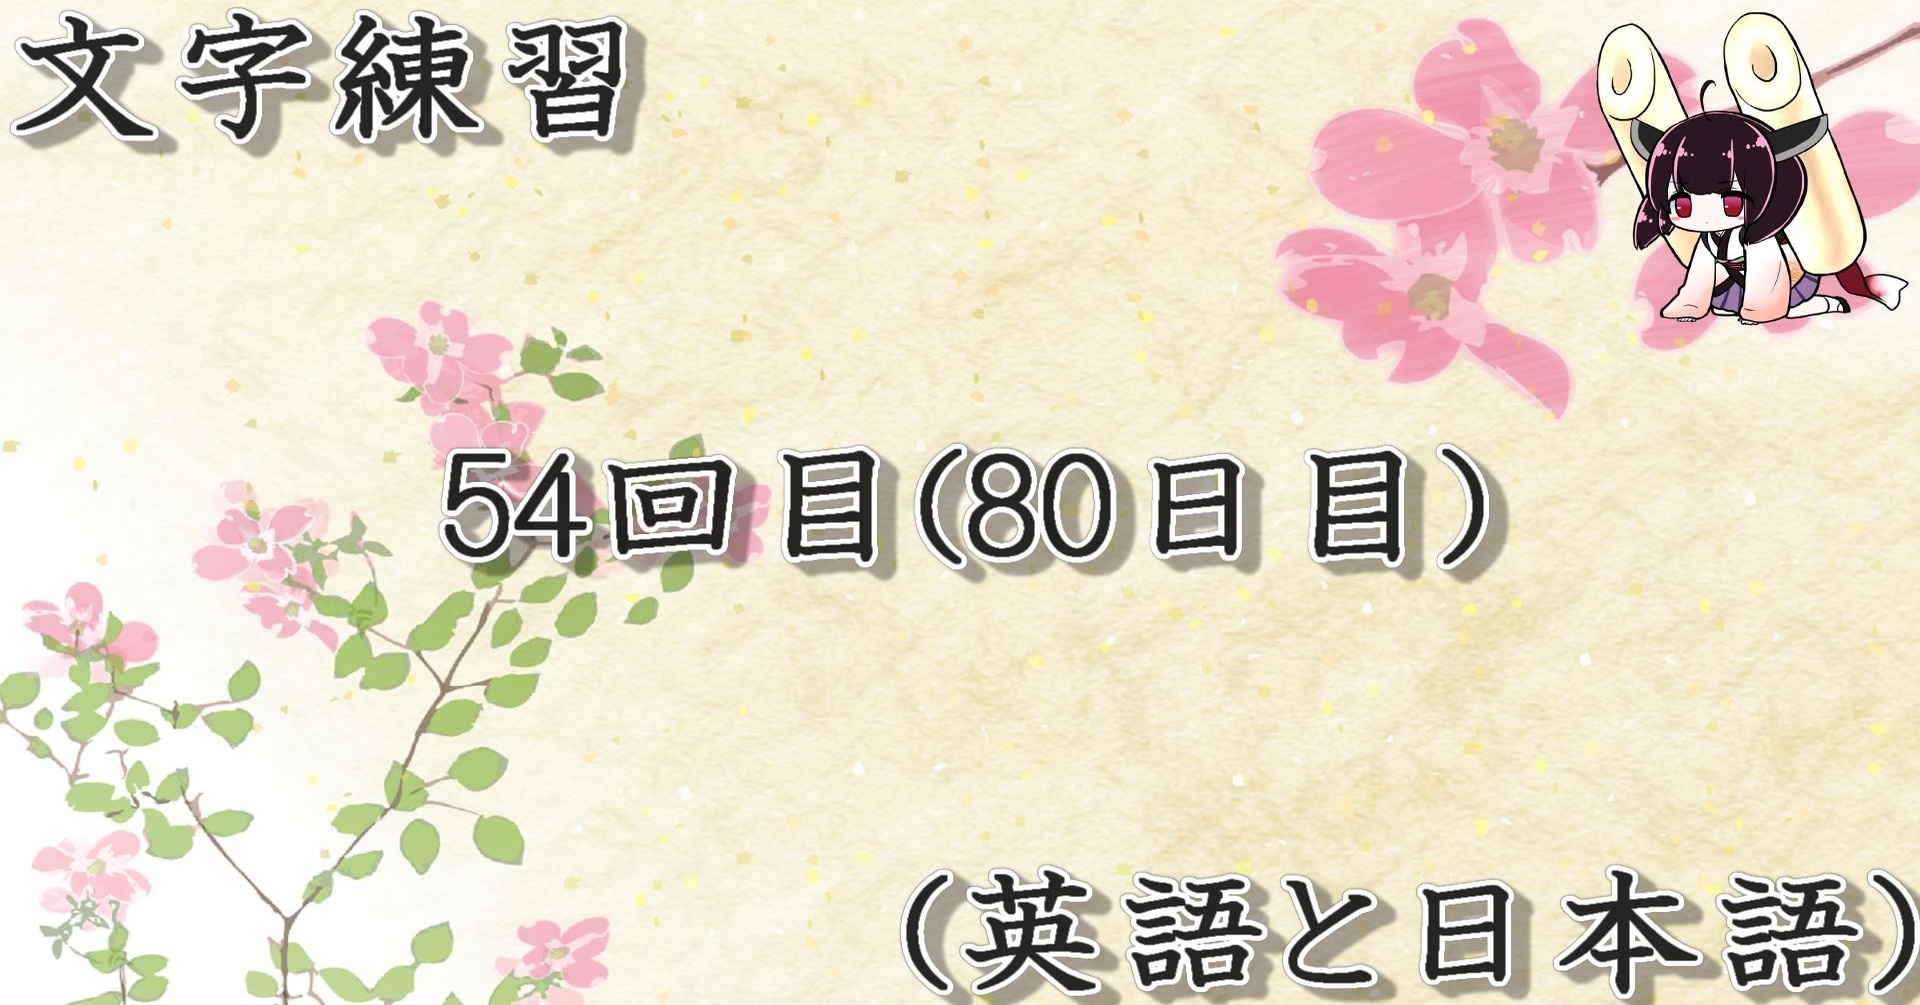 文字練習54回目(80日目)